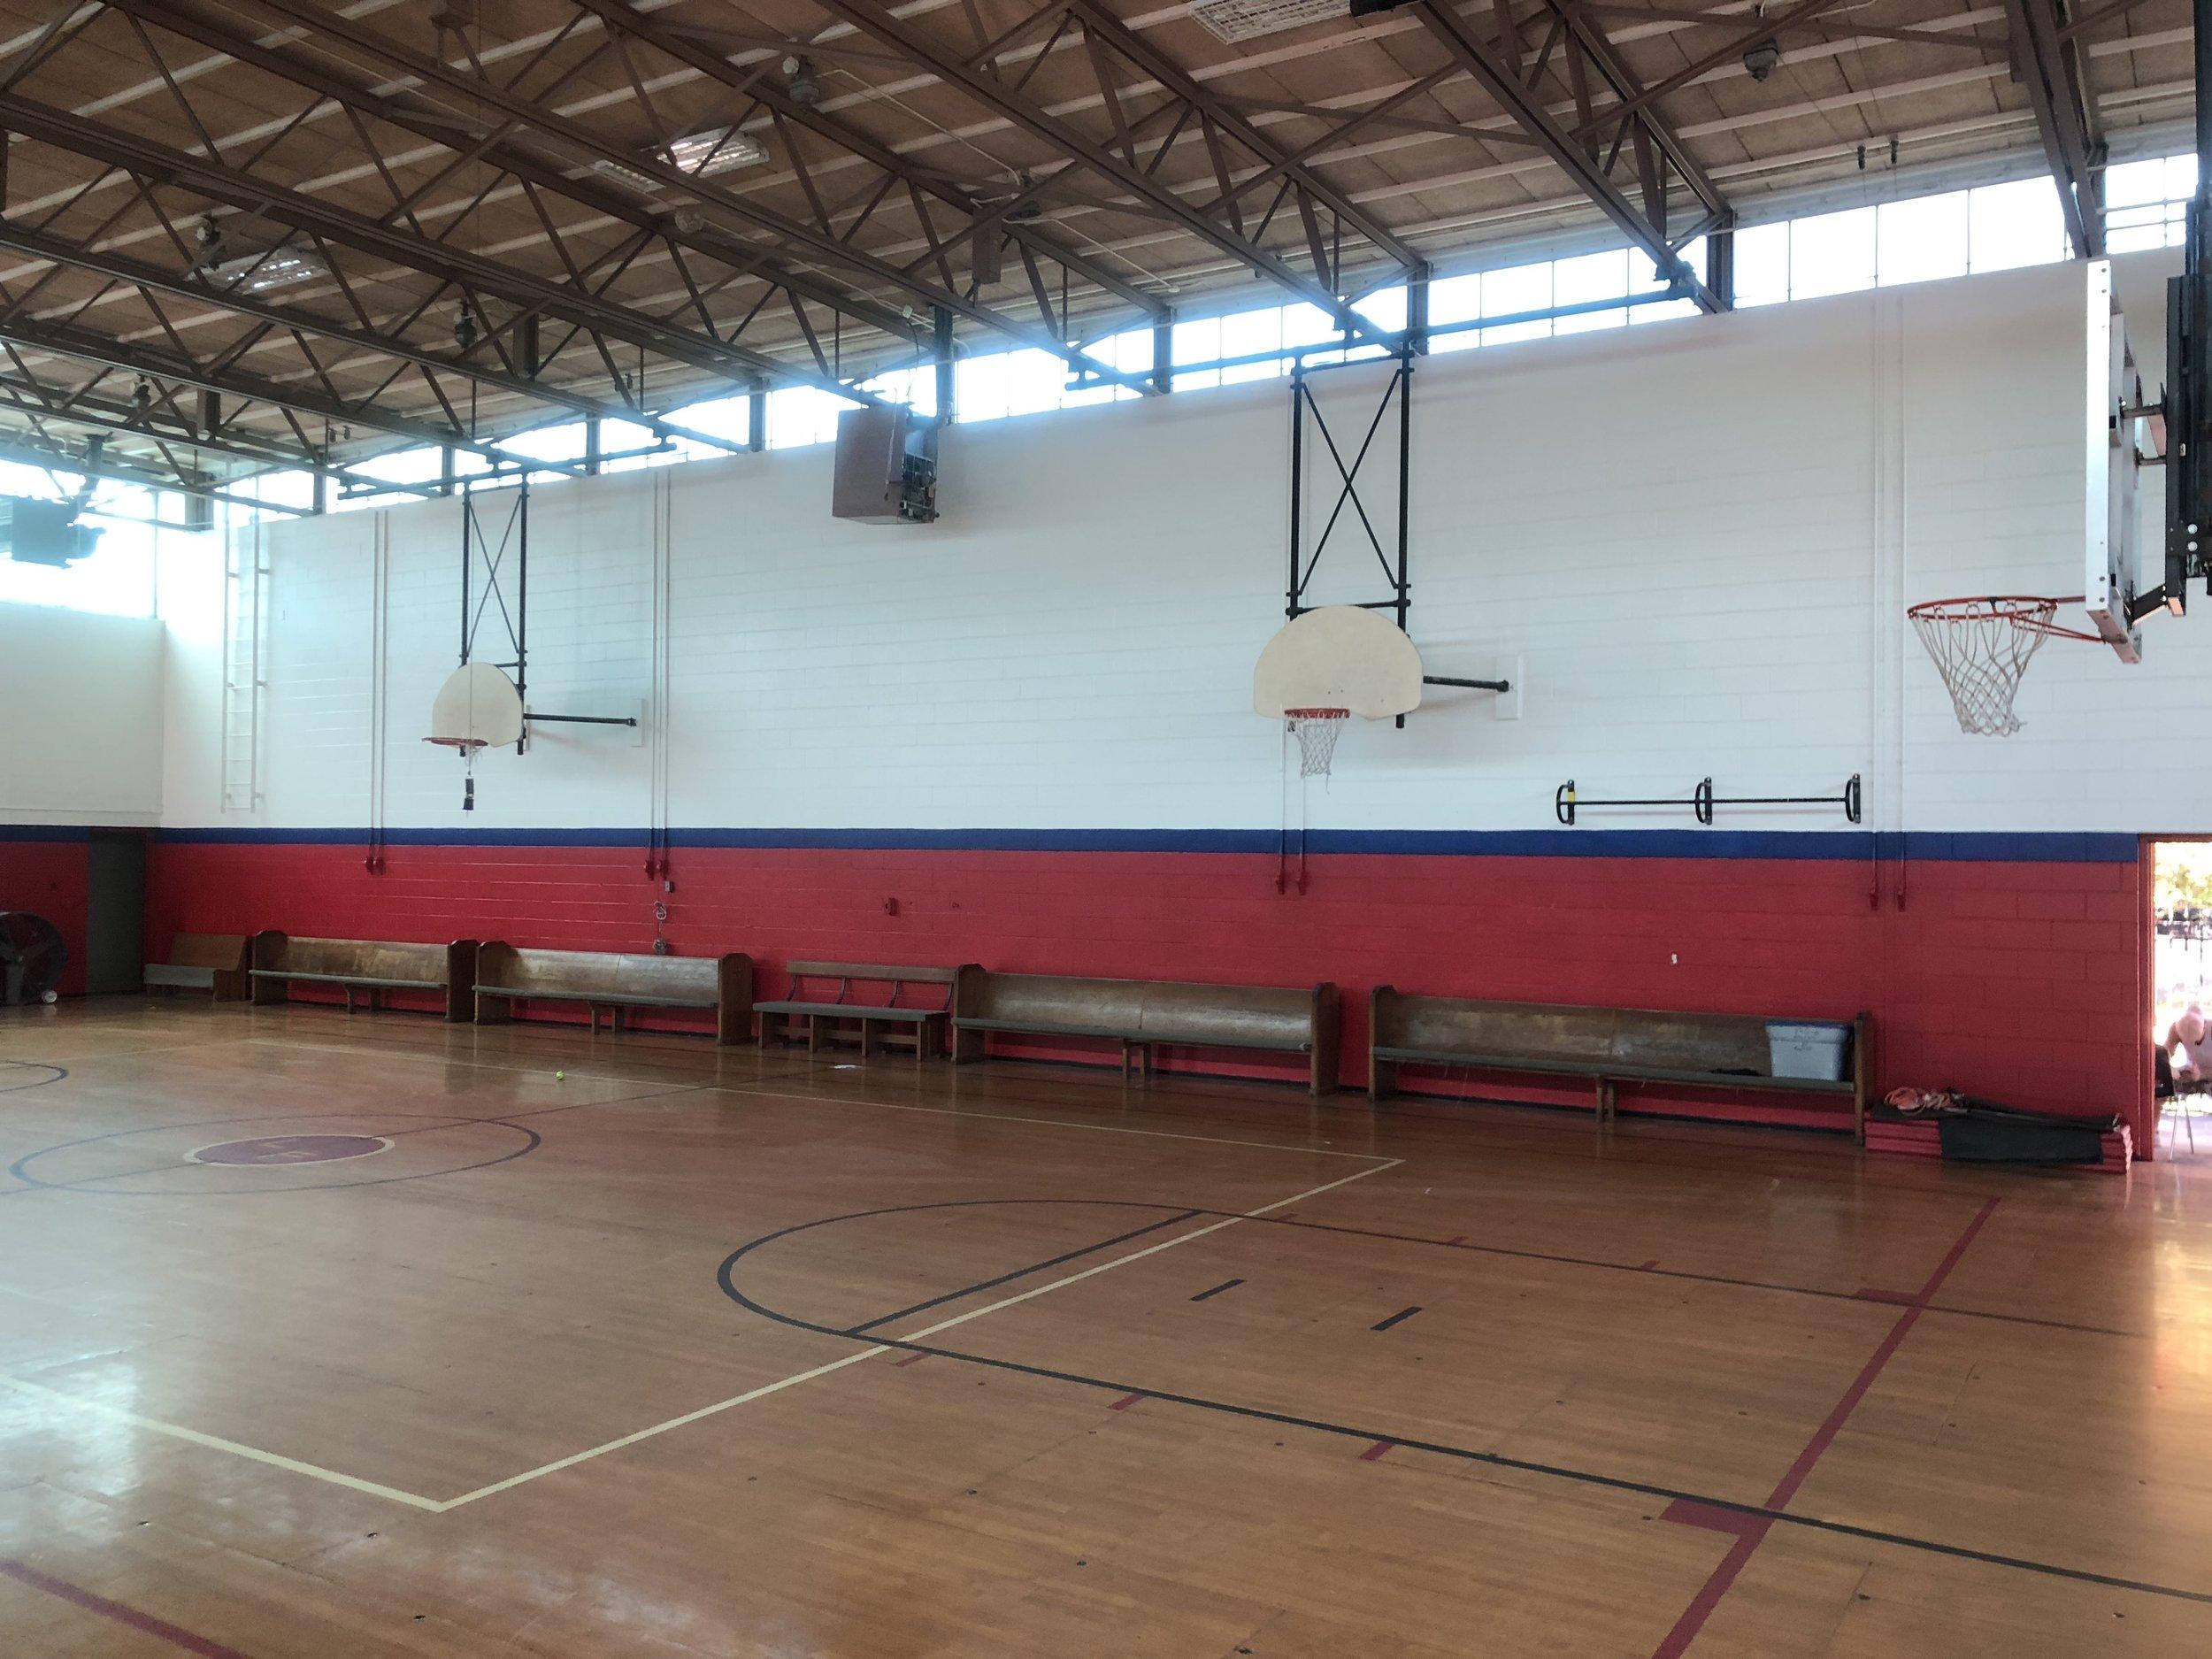 Freshly Painted Gym Jun-19